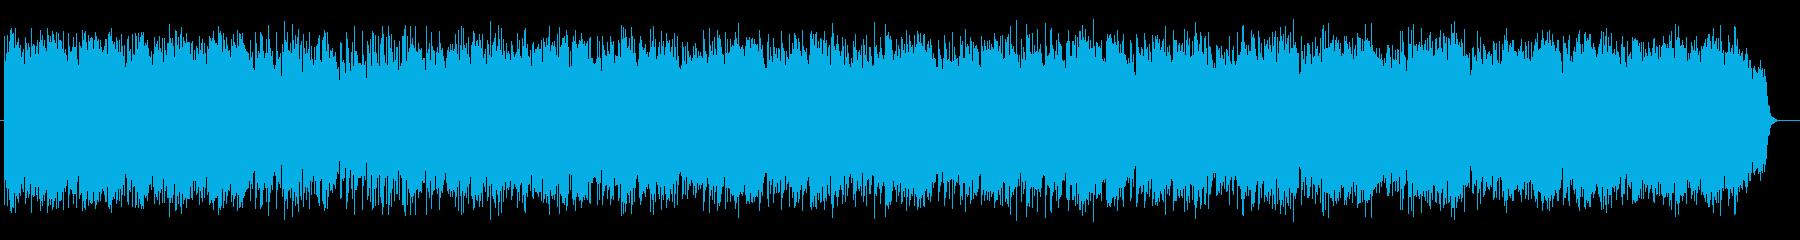 艶やかな和風シンセサイザー弦楽器サウンドの再生済みの波形